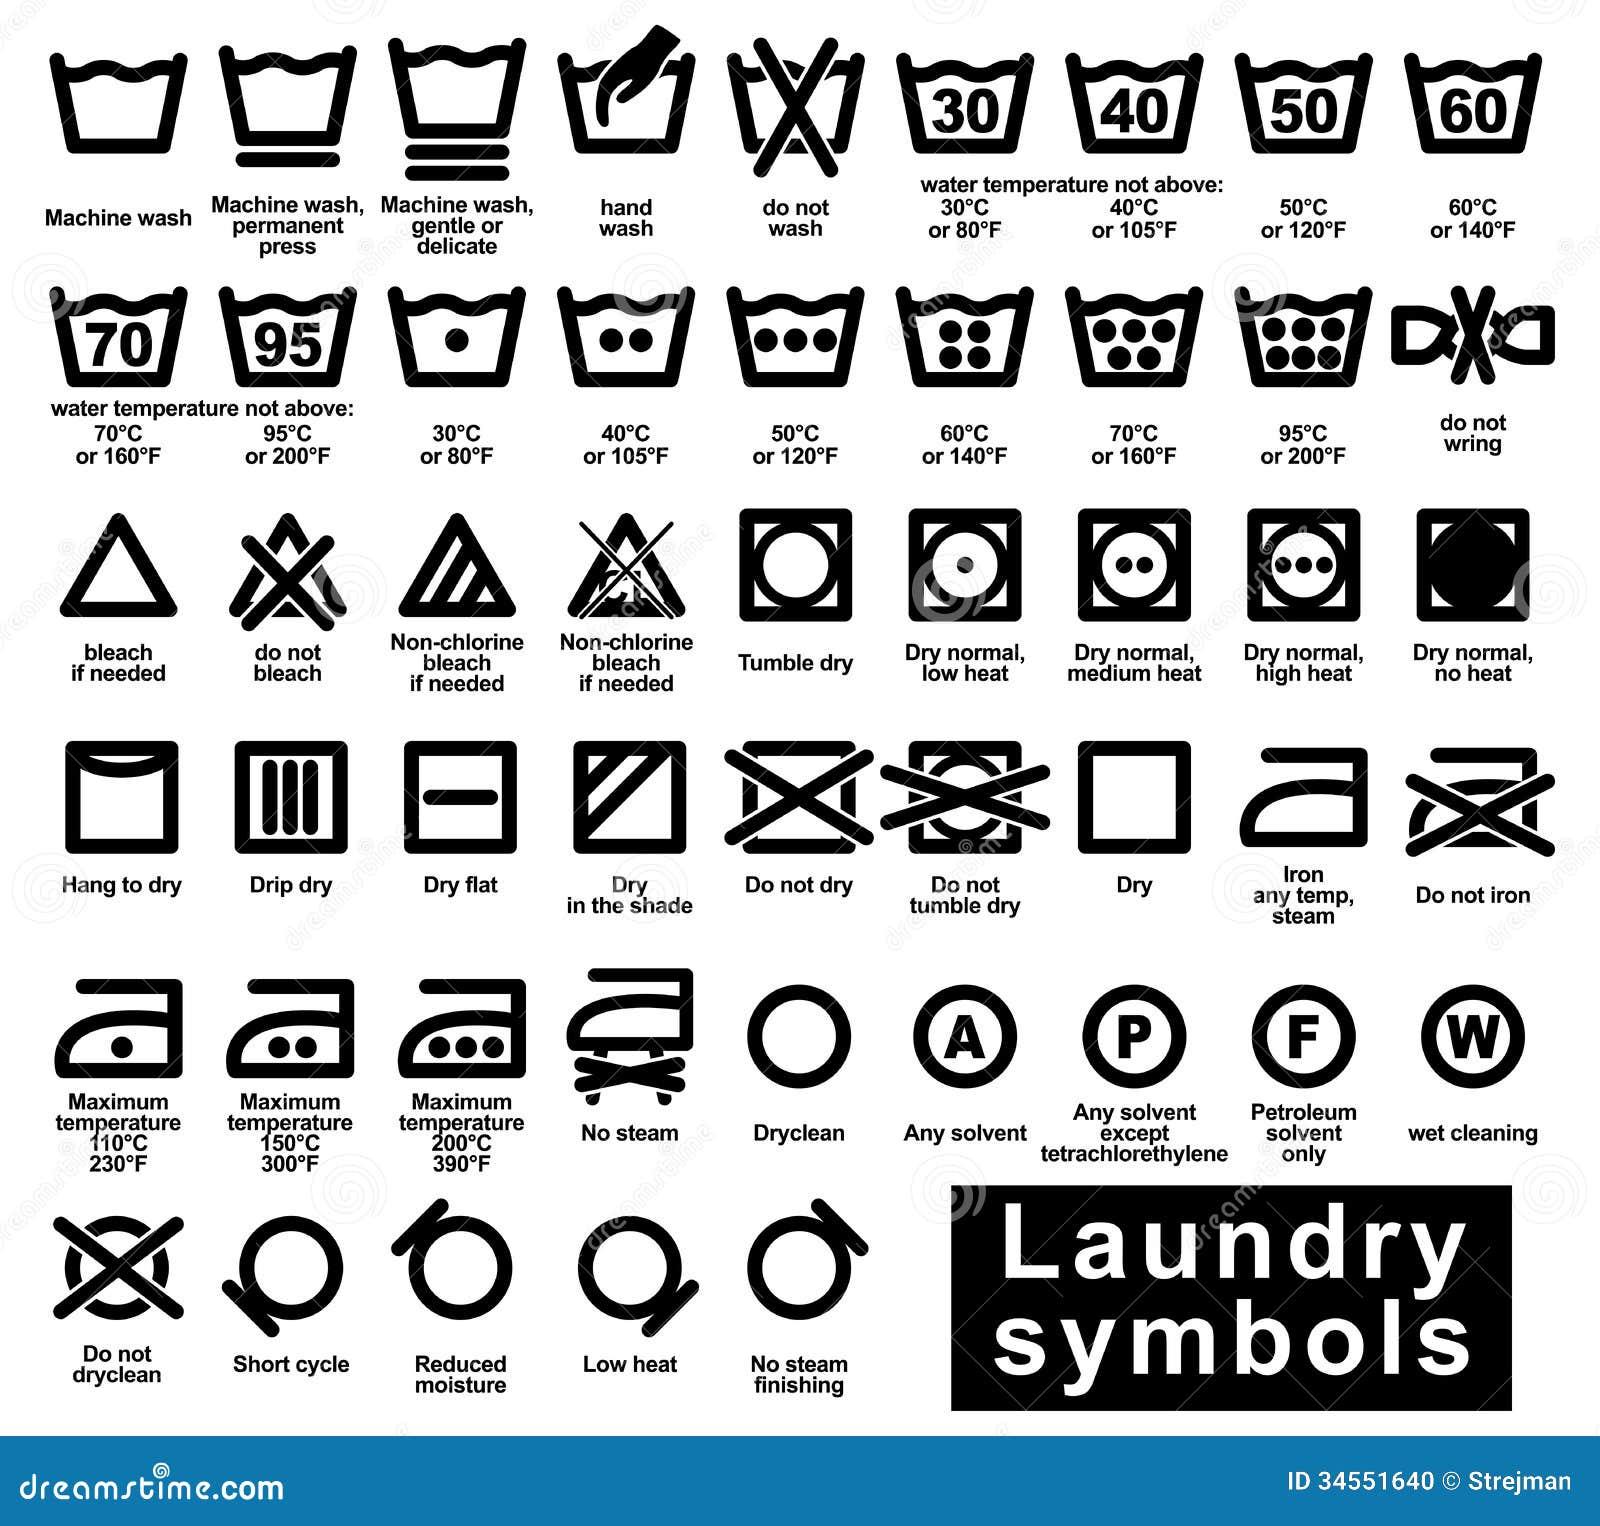 Icon Set Of Laundry Symbols Stock Photo - Image: 34551640